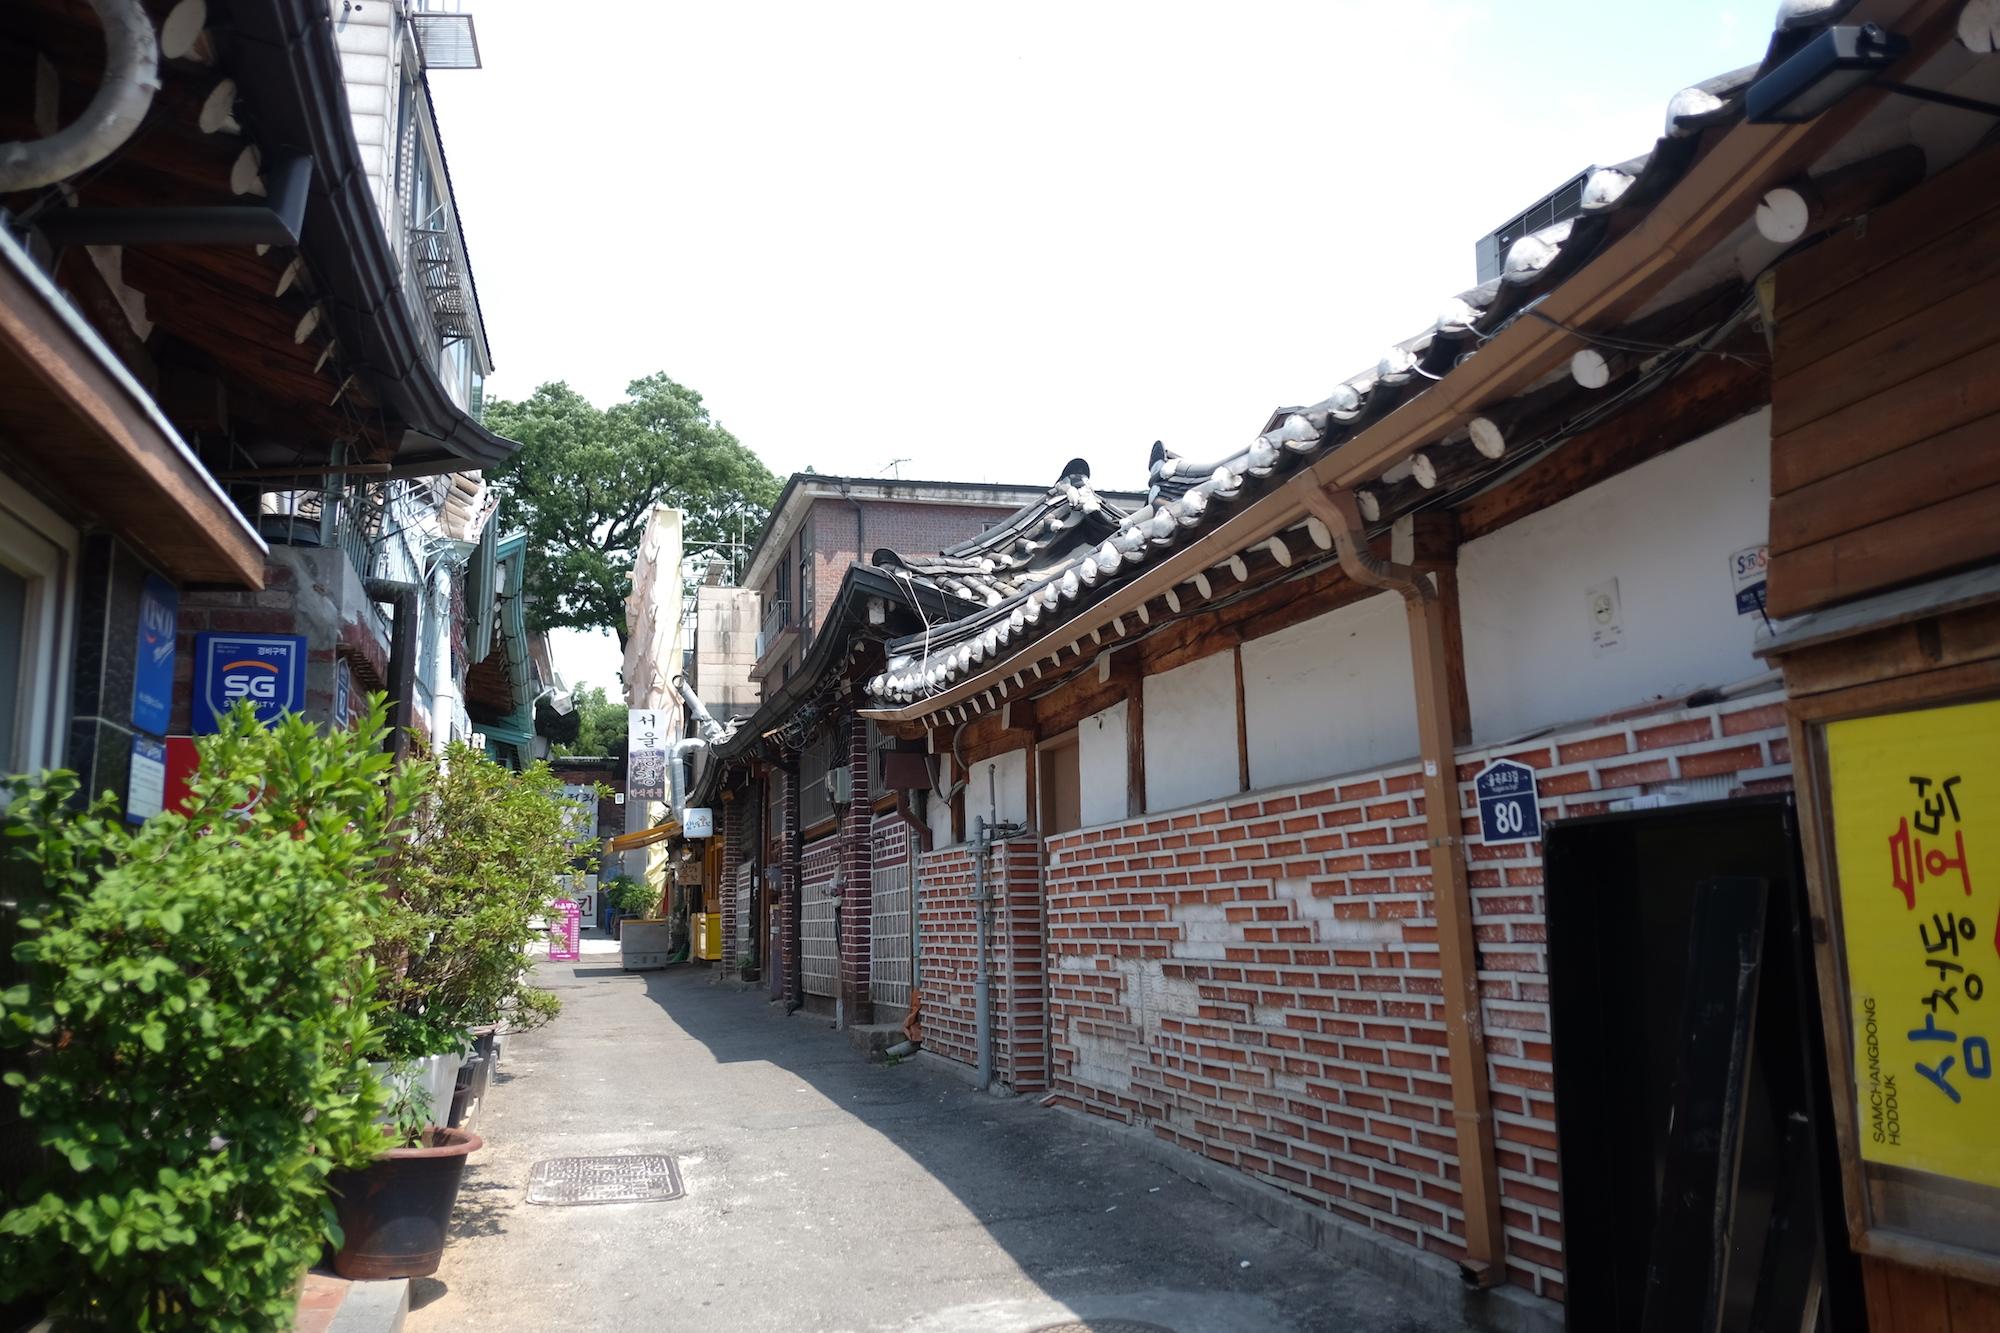 Coreeseoul00007